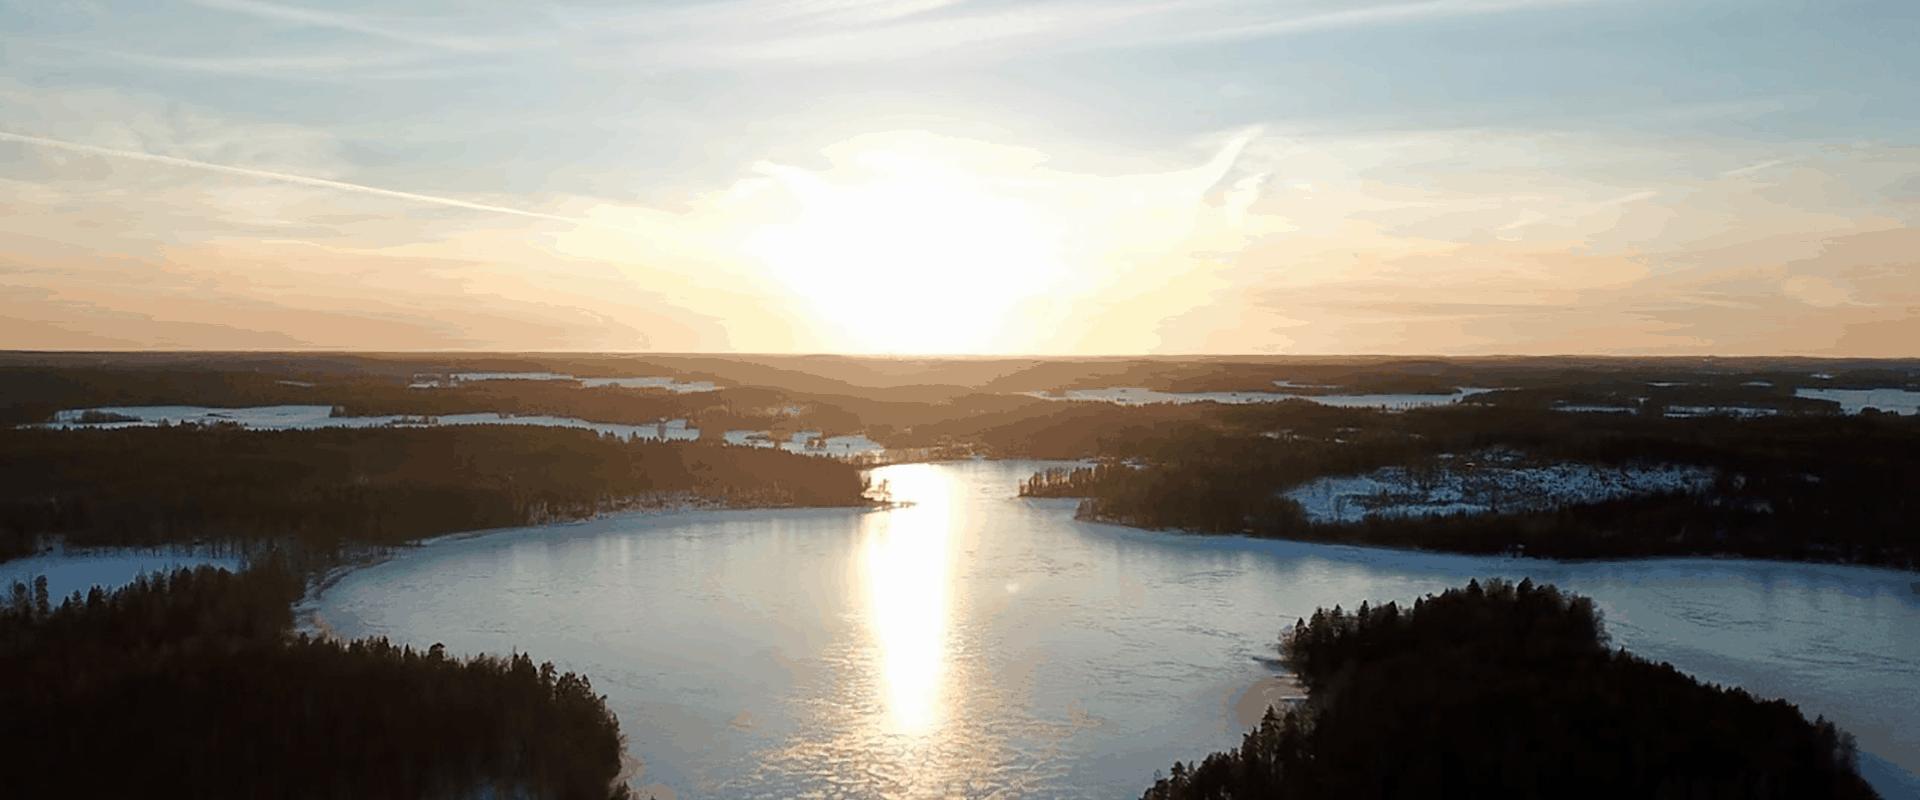 Hausjärvi,